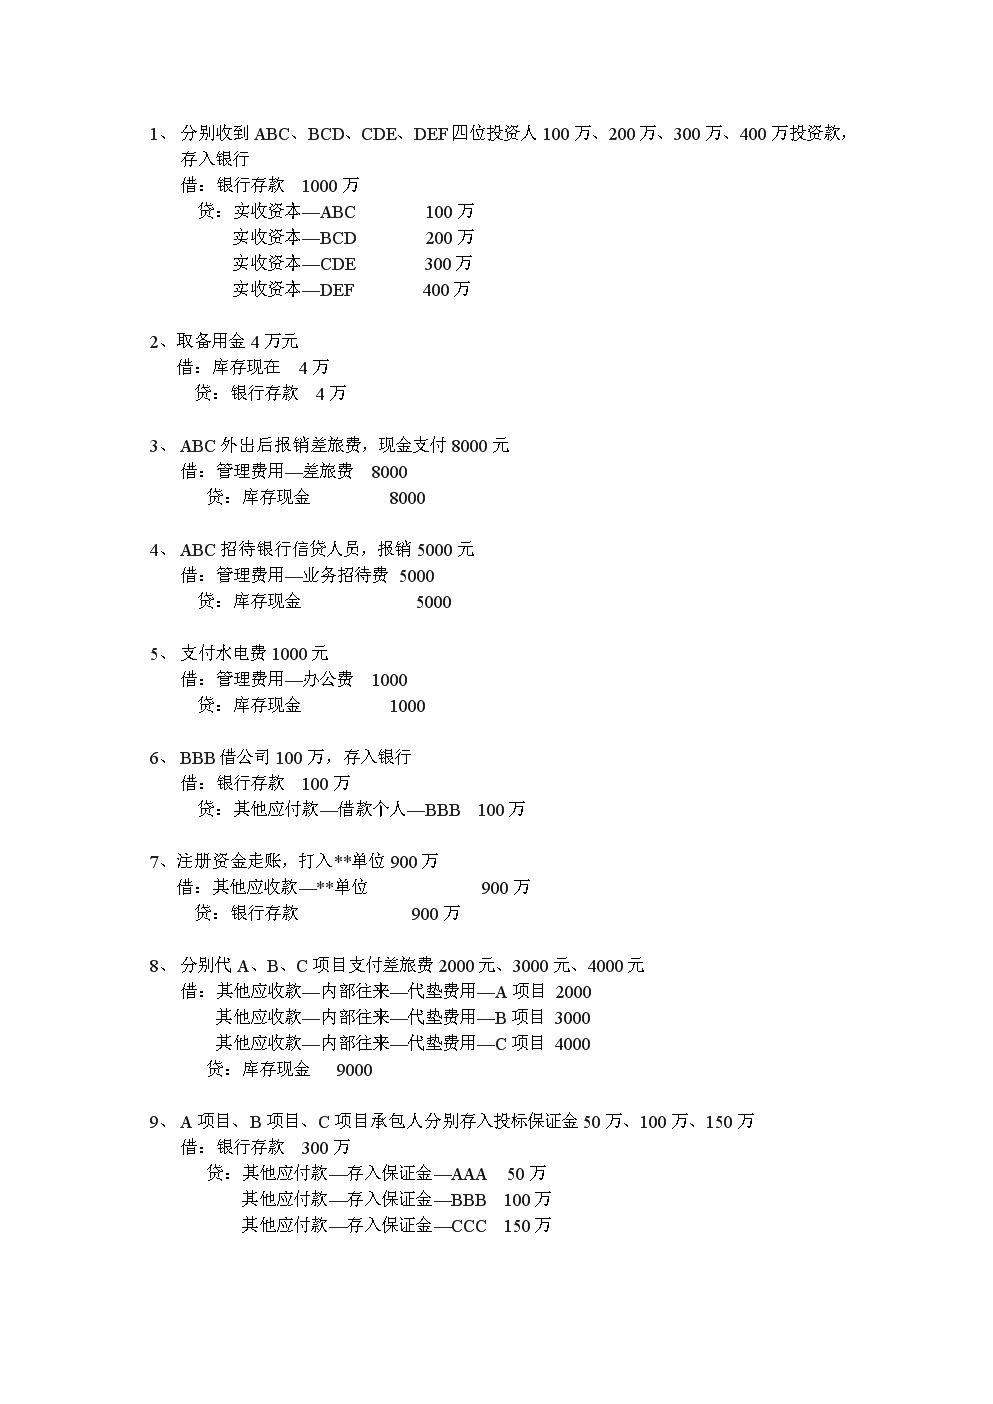 建筑公司总部账务处理实例.doc